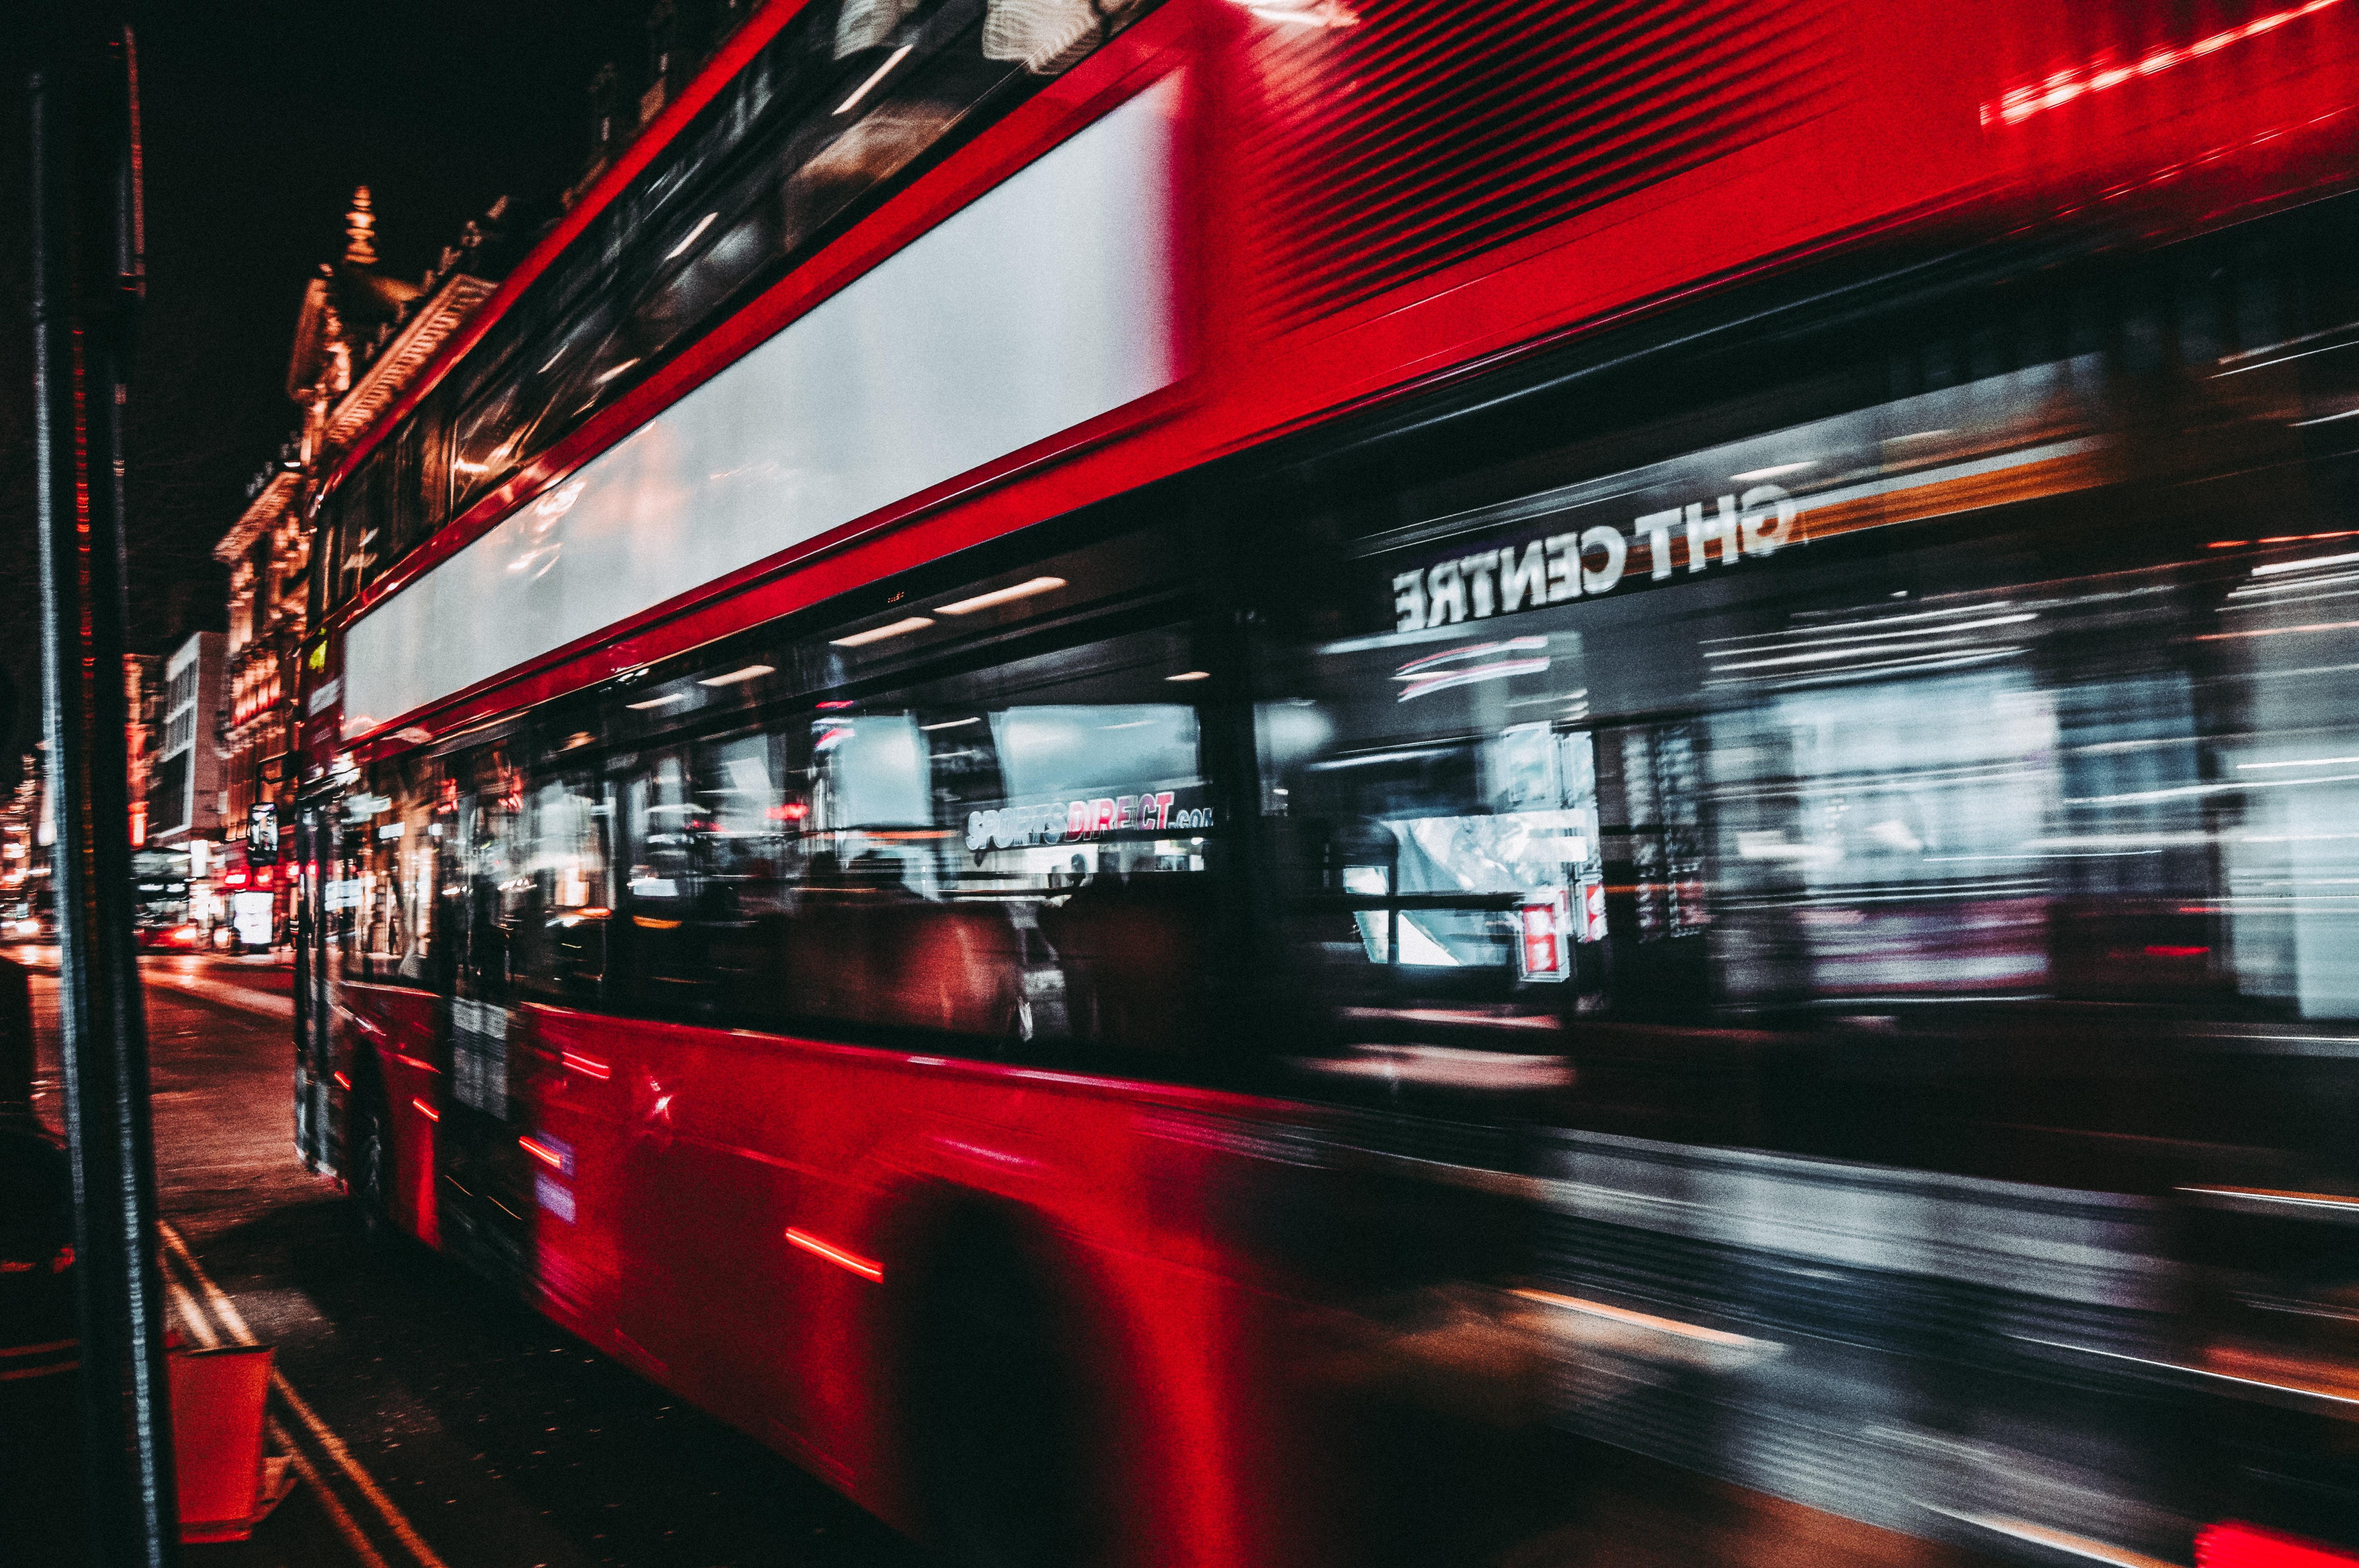 深夜高速バスに乗って旅立つ。